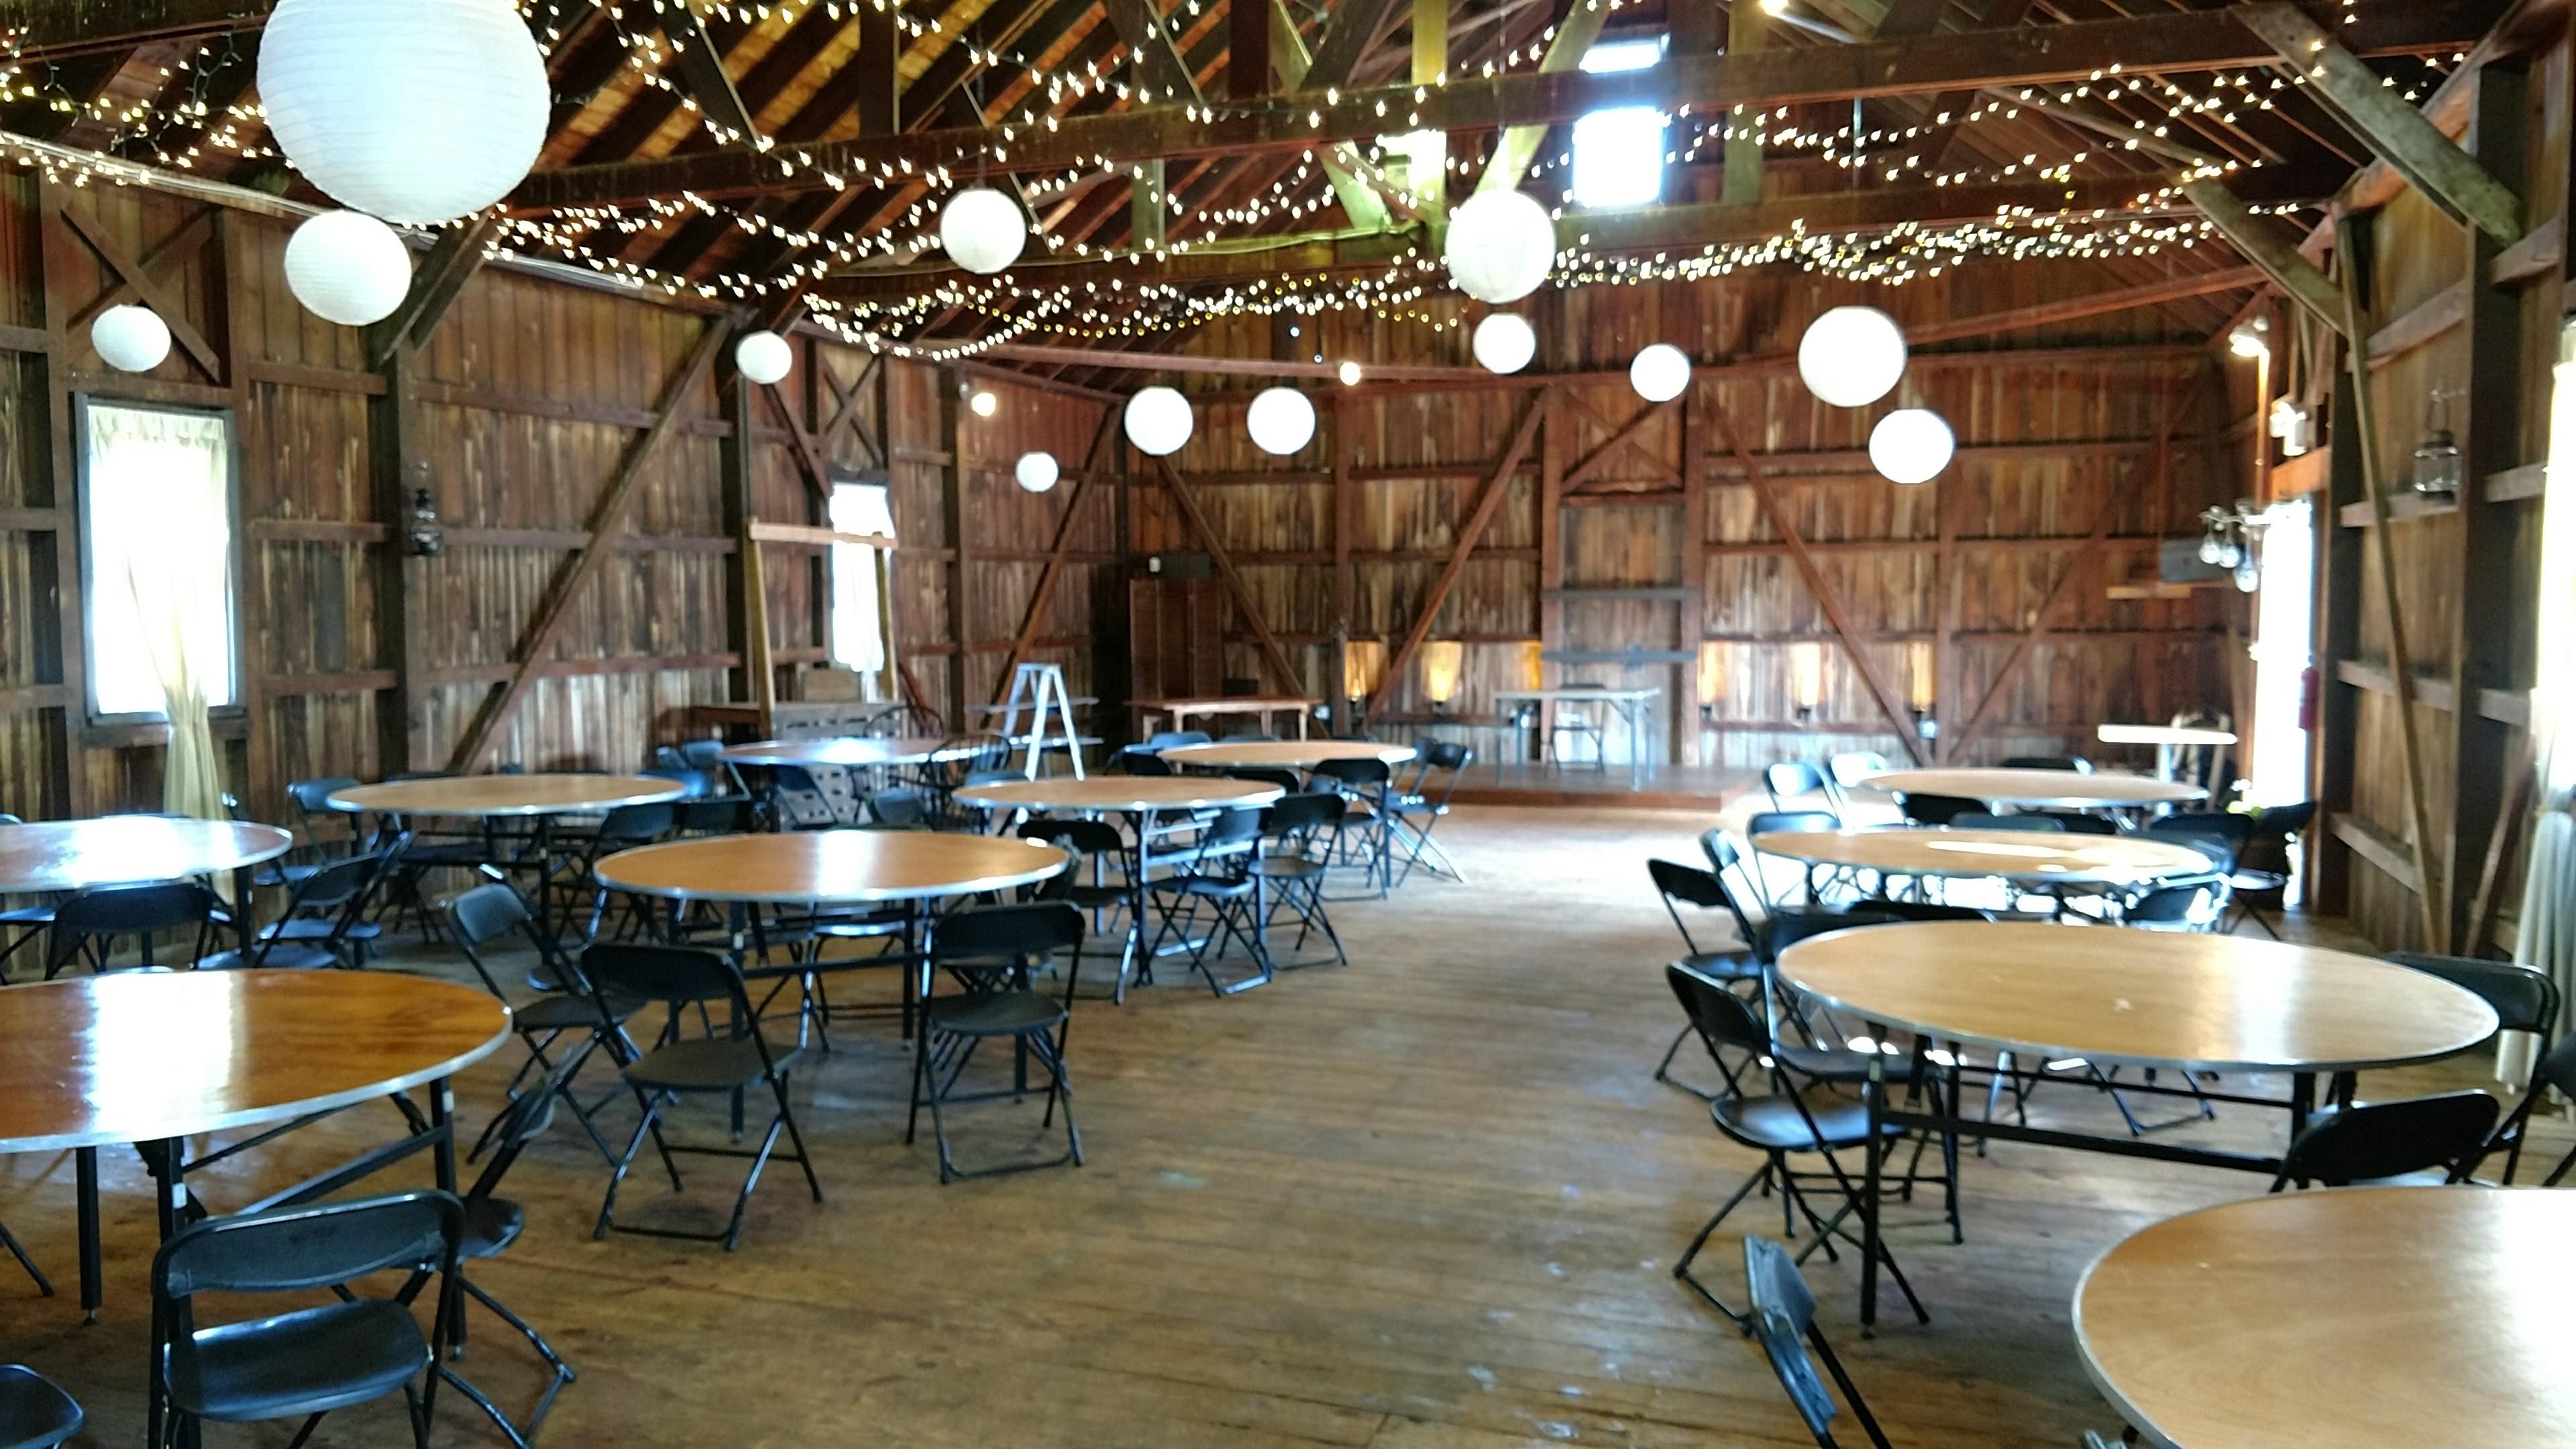 Rode S Barn At Rode S Fireside Restaurant Amp Tavern Hall